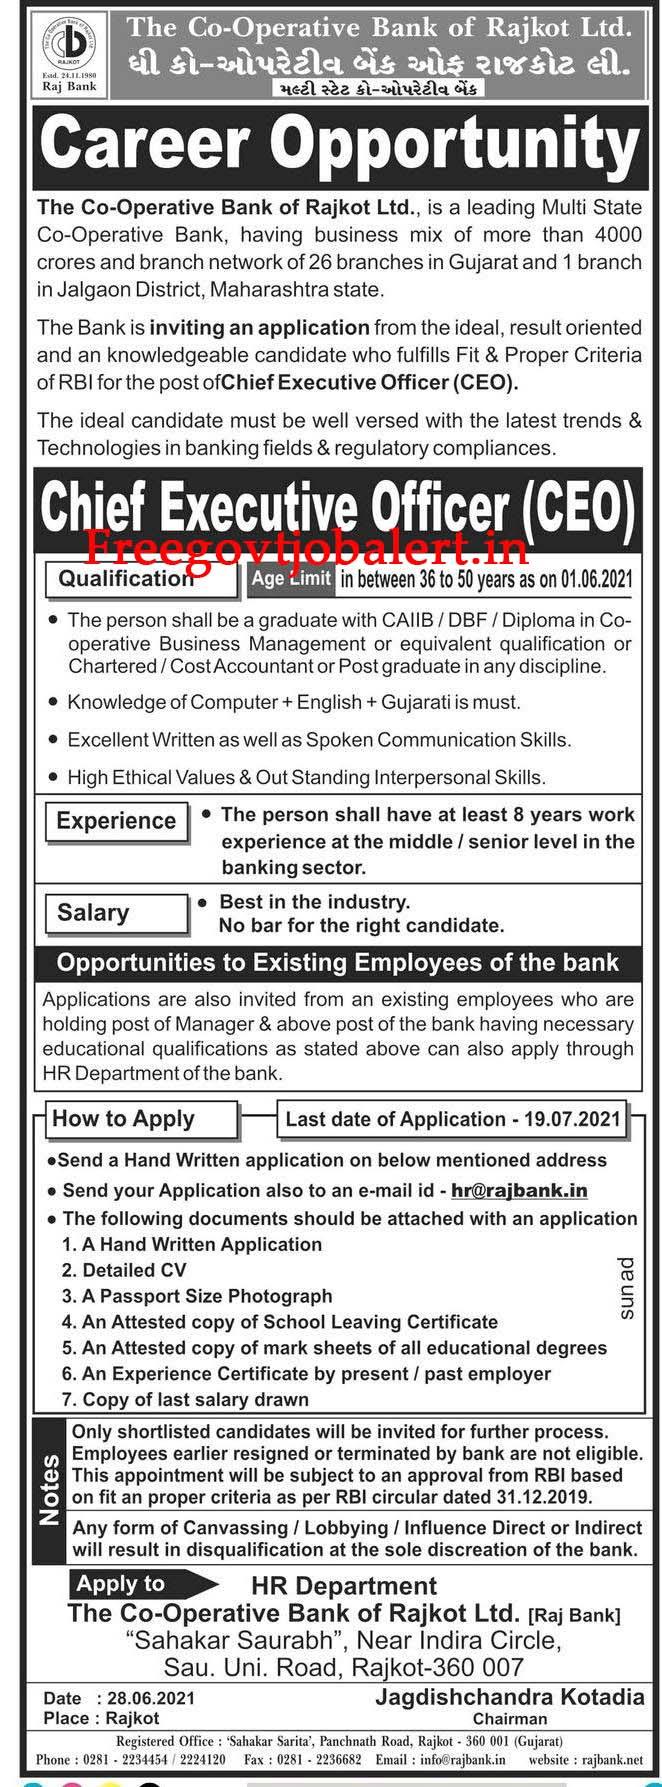 (New) The Co-operative Bank of Rajkot Recruitment 2012 - CEO Job